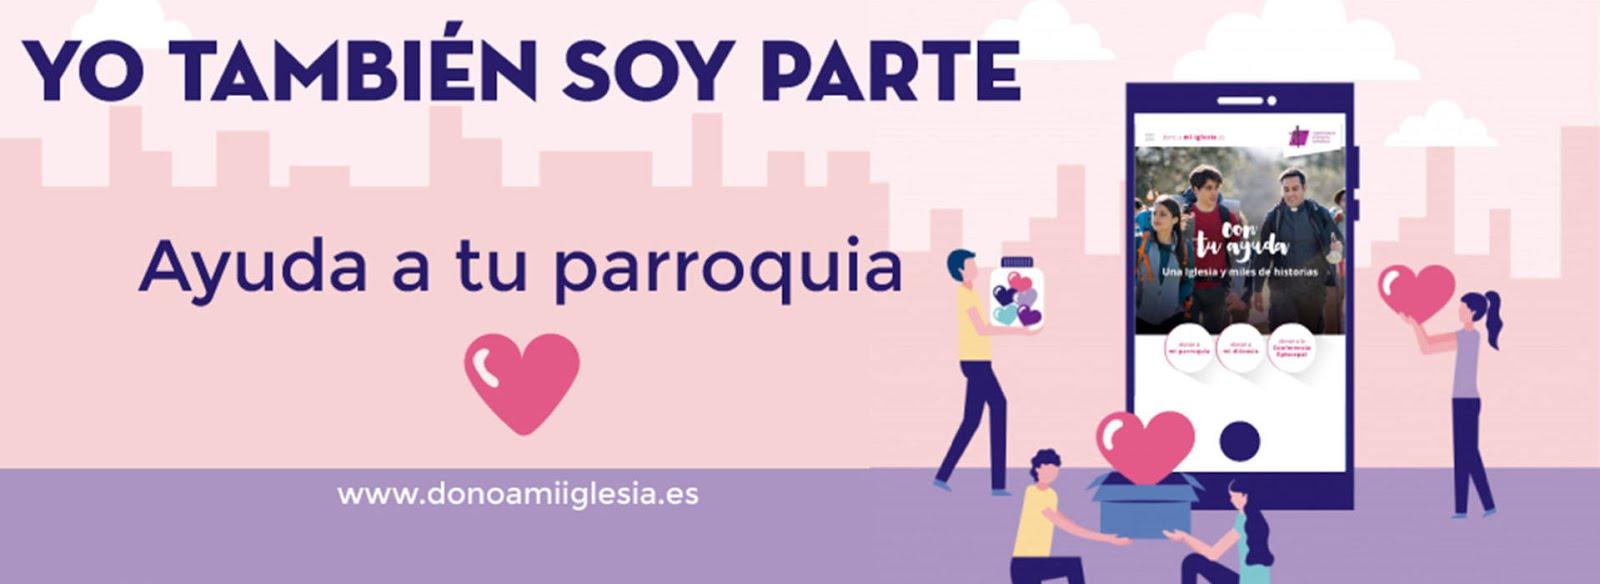 COLABORA Y AYUDA A NUESTRA PARROQUIA, TODOS SOMOS PARTE